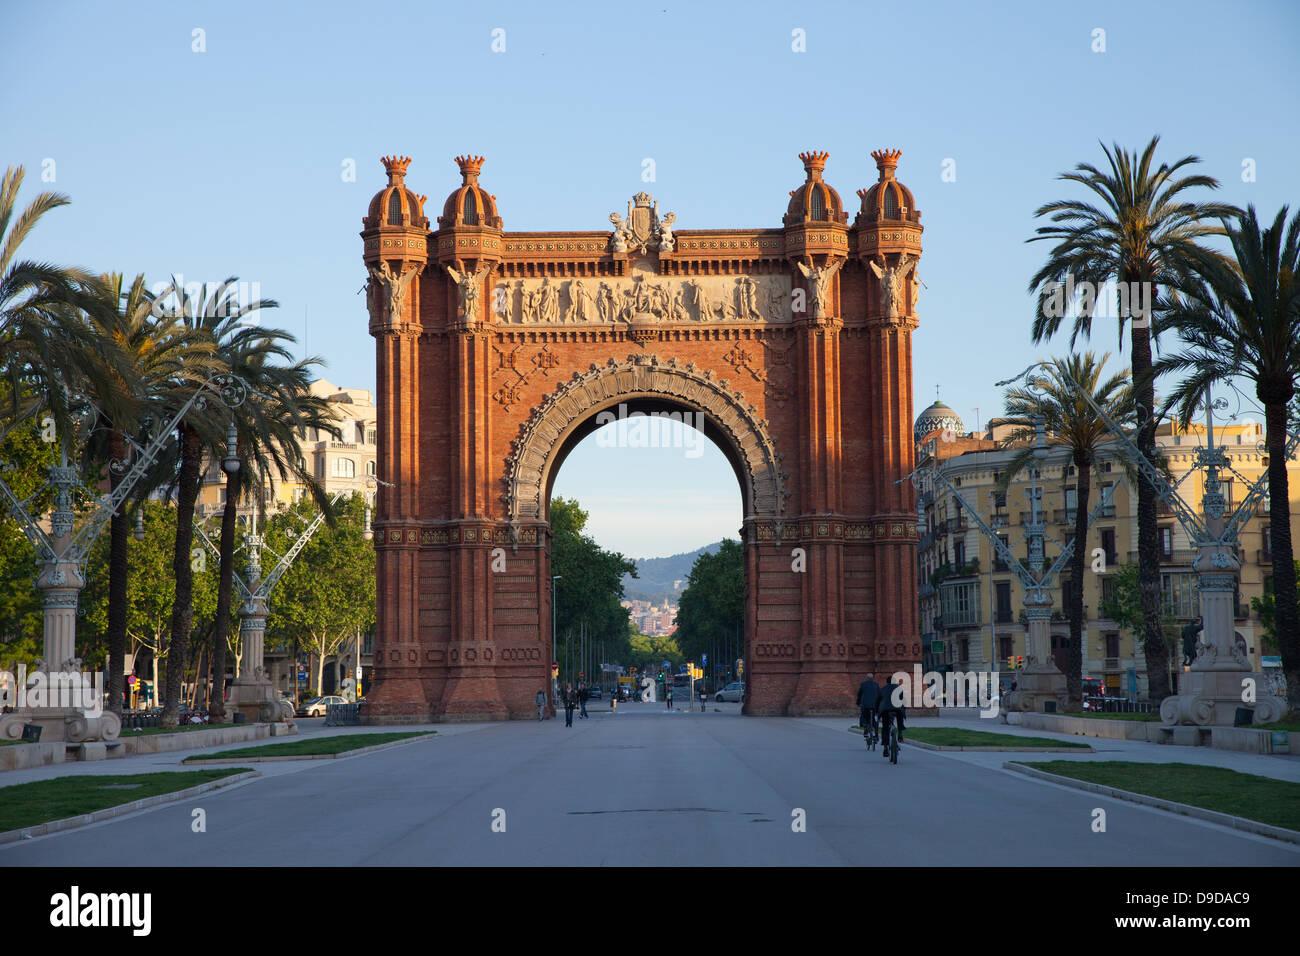 Berühmten Triumphbogen von Barcelona (Spanien) bei Sonnenaufgang Stockbild